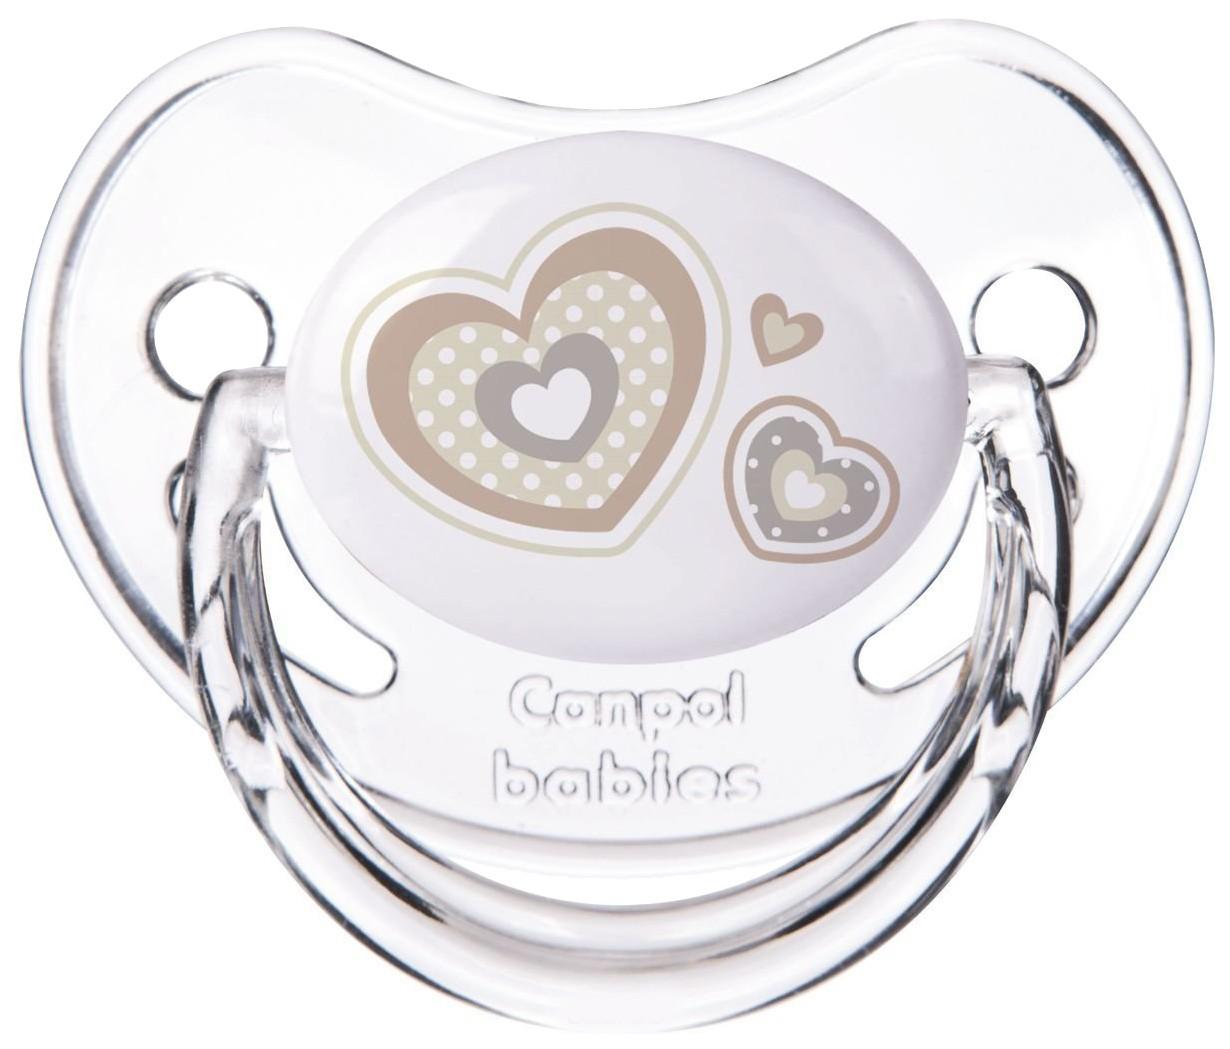 Пустышка анатомическая Canpol Newborn baby силикон, 6-18 мес., арт. 22/566 цвет белый